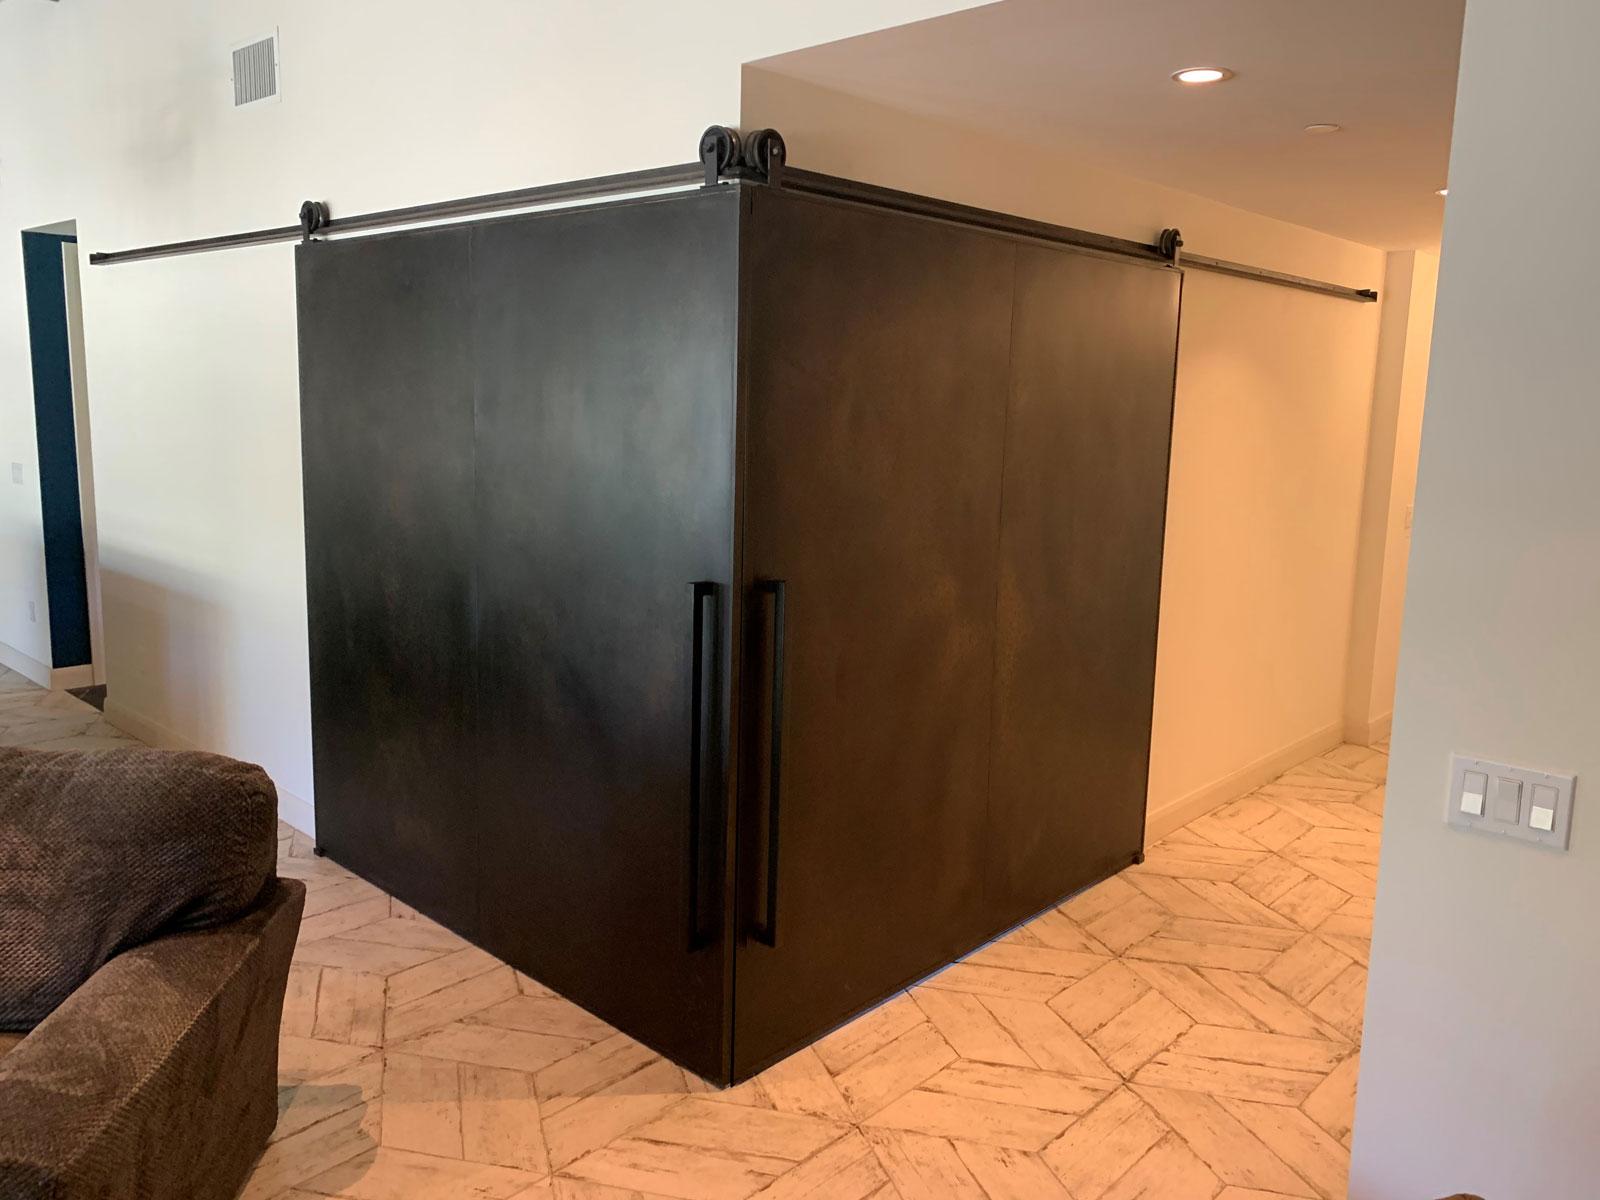 Patina steel doors in a corner